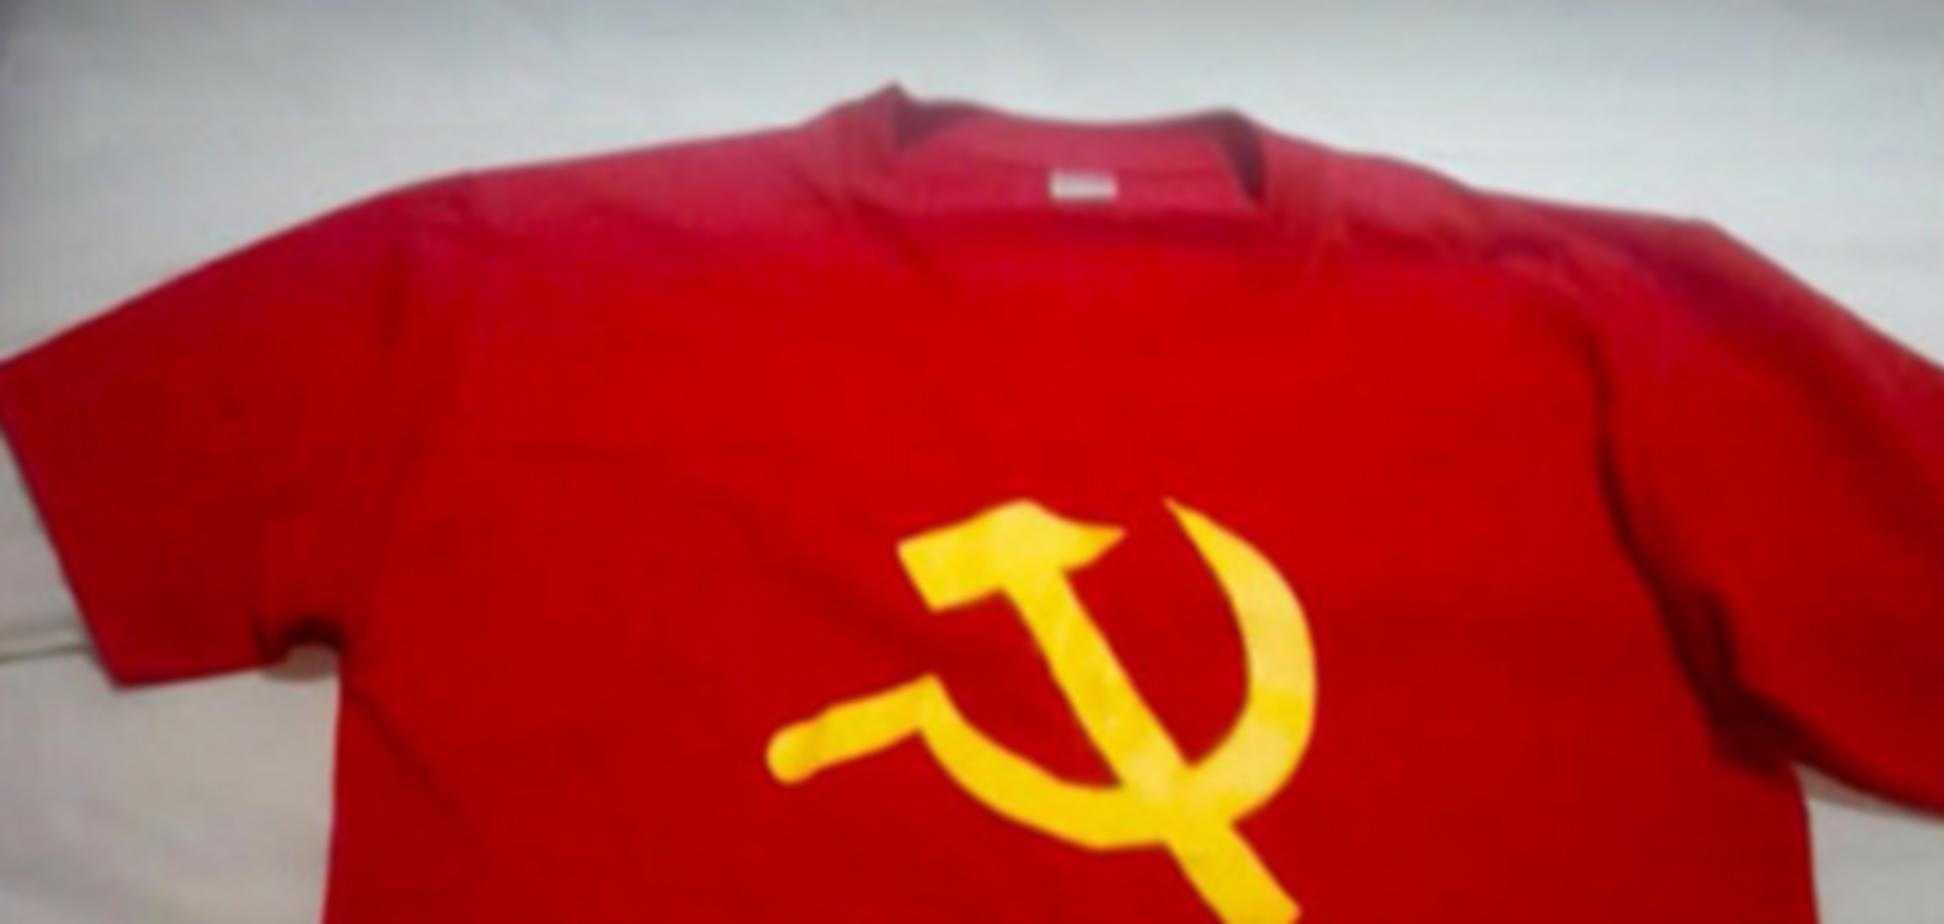 В Индонезии задержали россиянина в футболке с символикой СССР